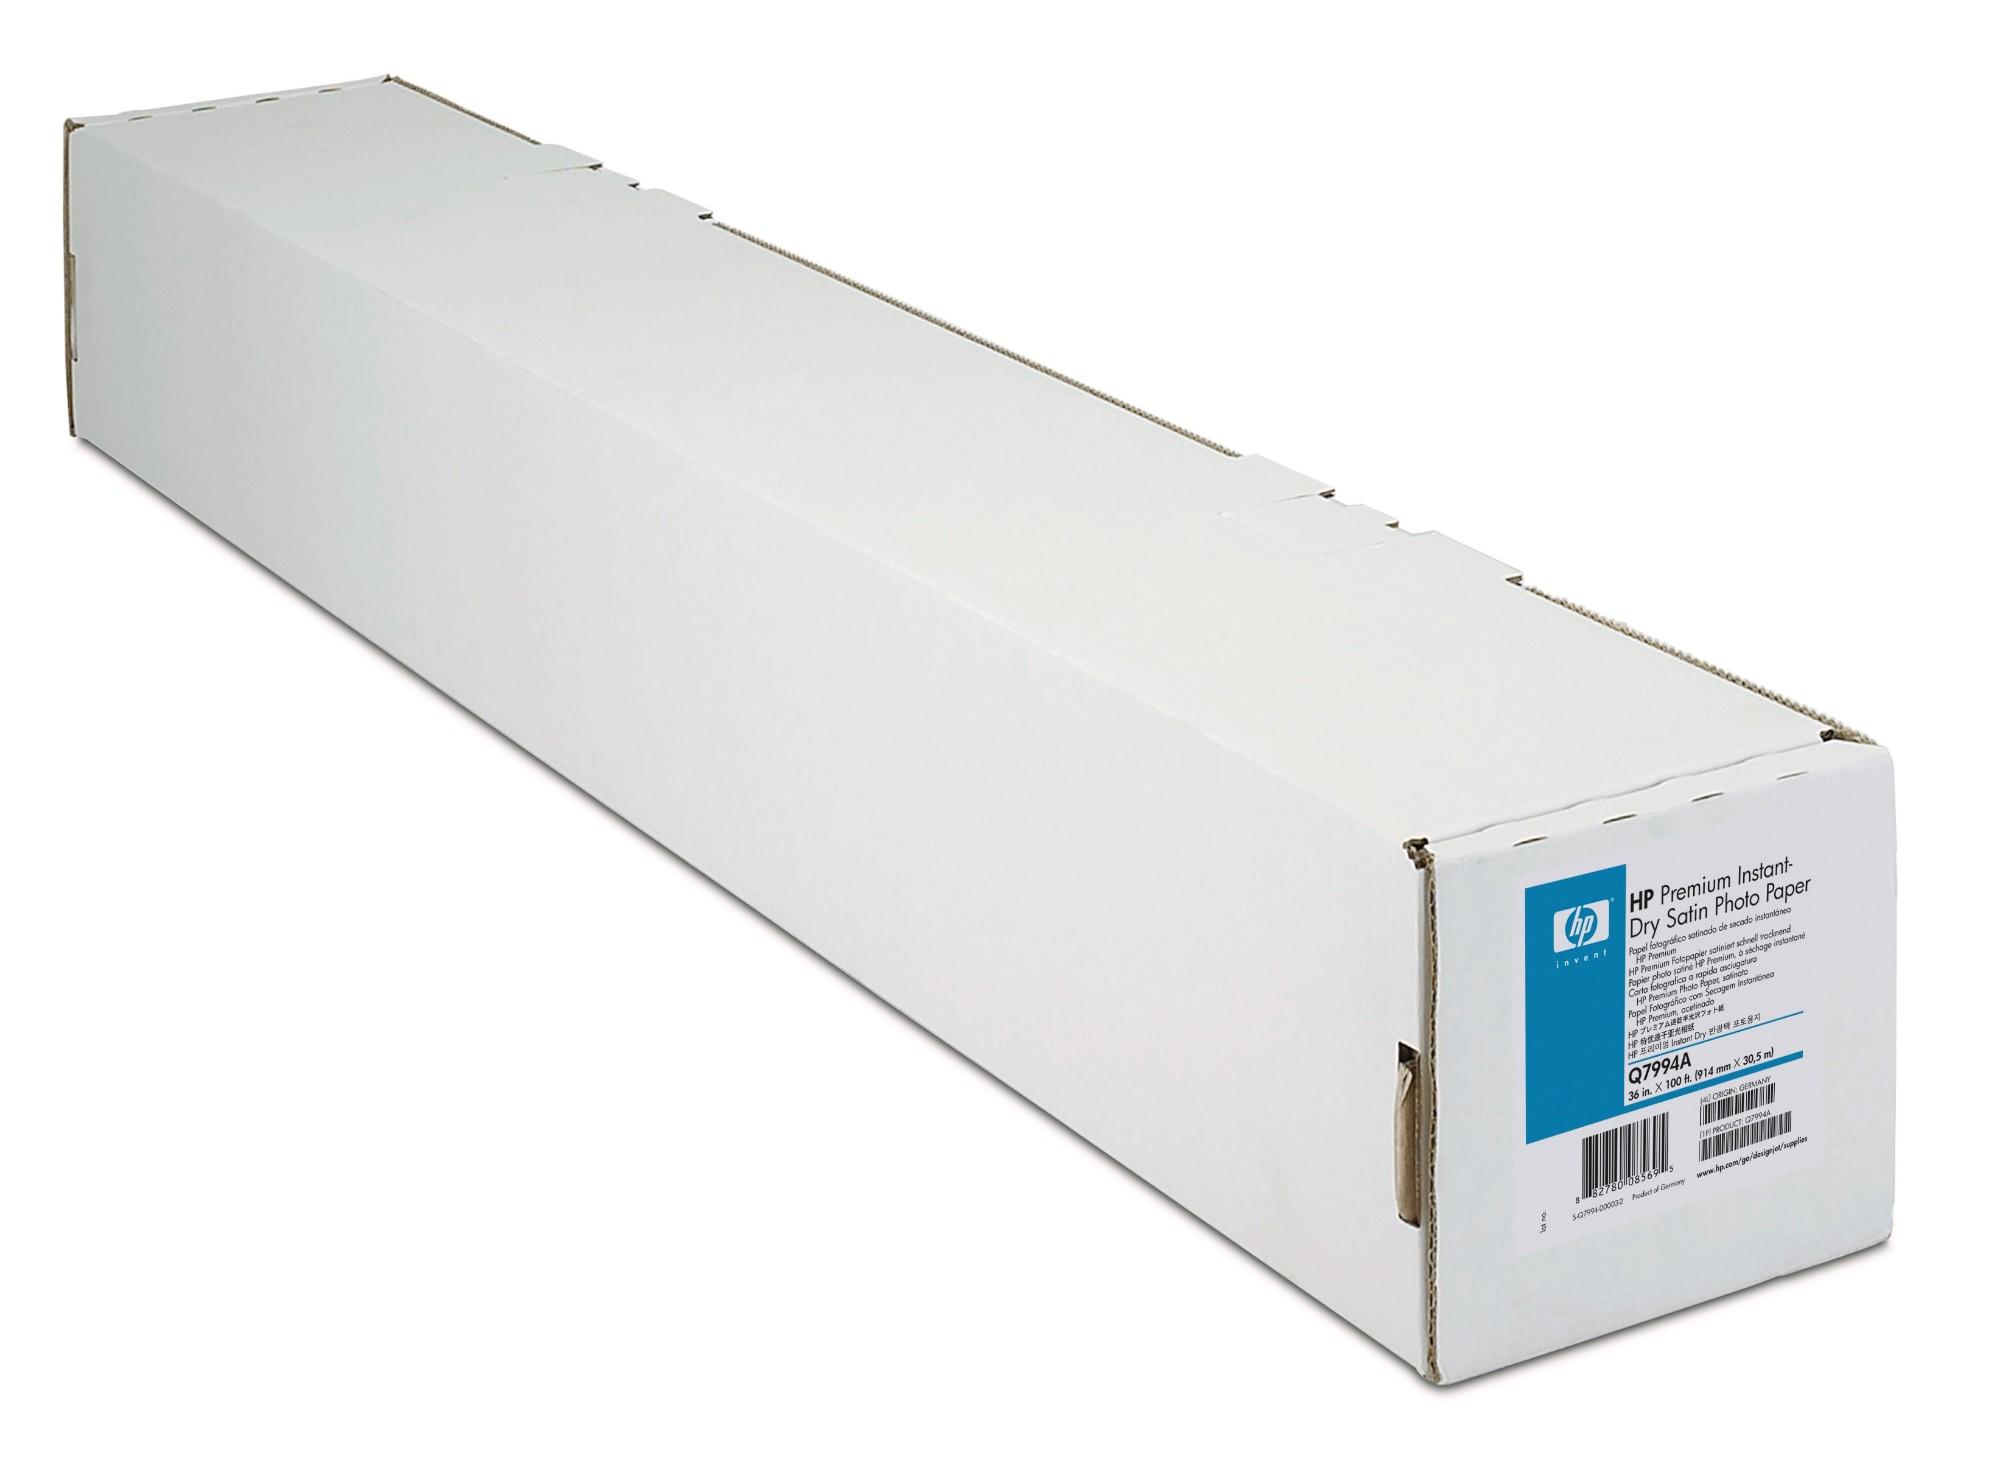 HP Q7992A photo paper